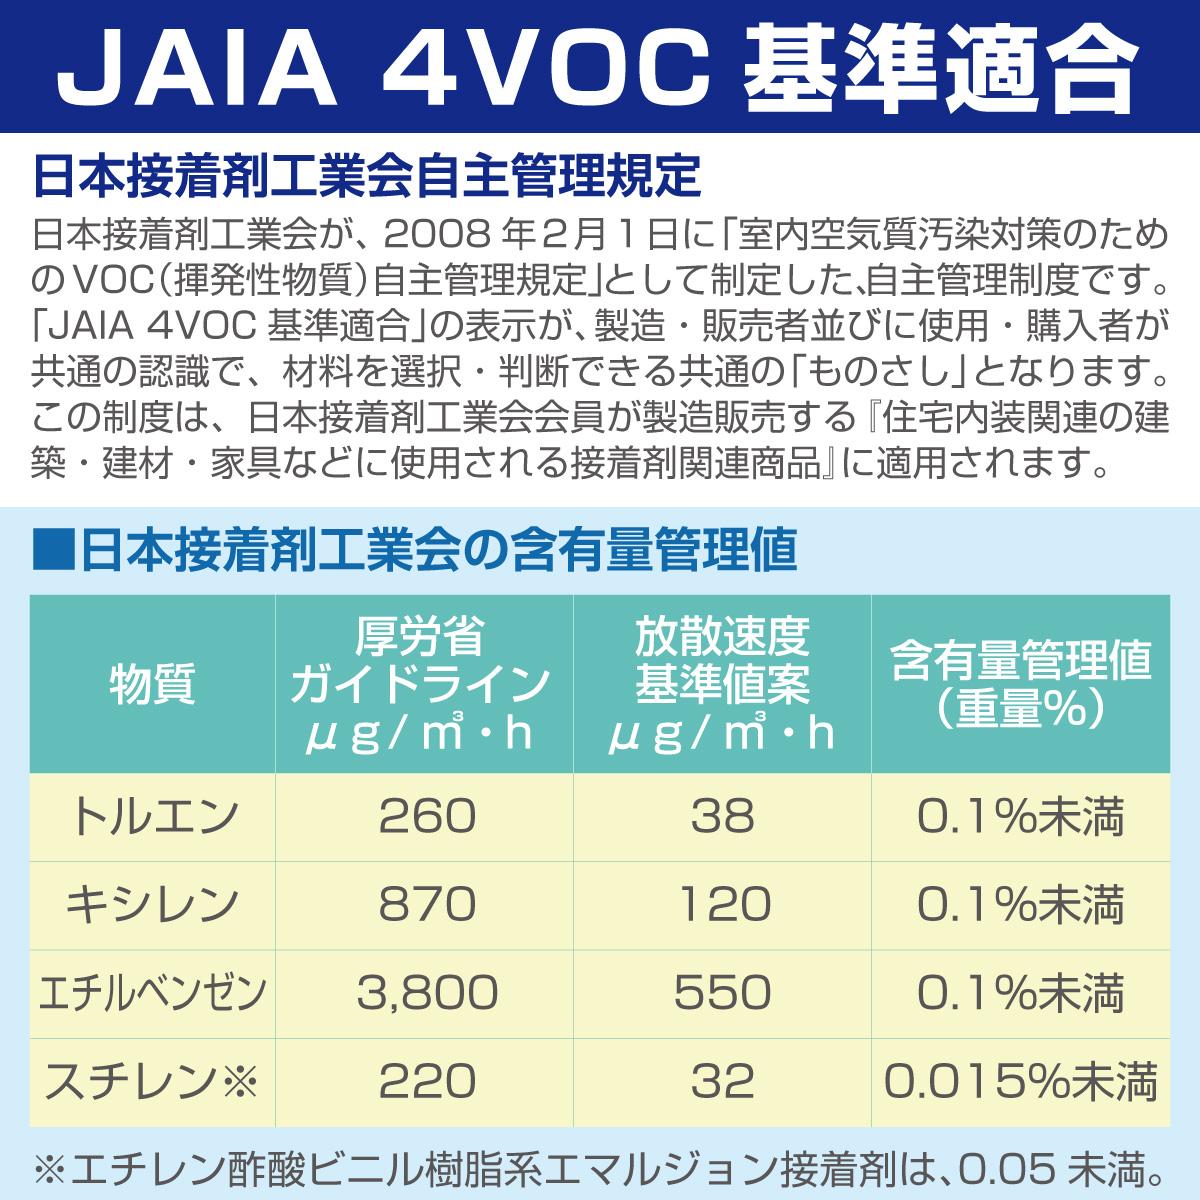 JAIA 4VOC基準適合